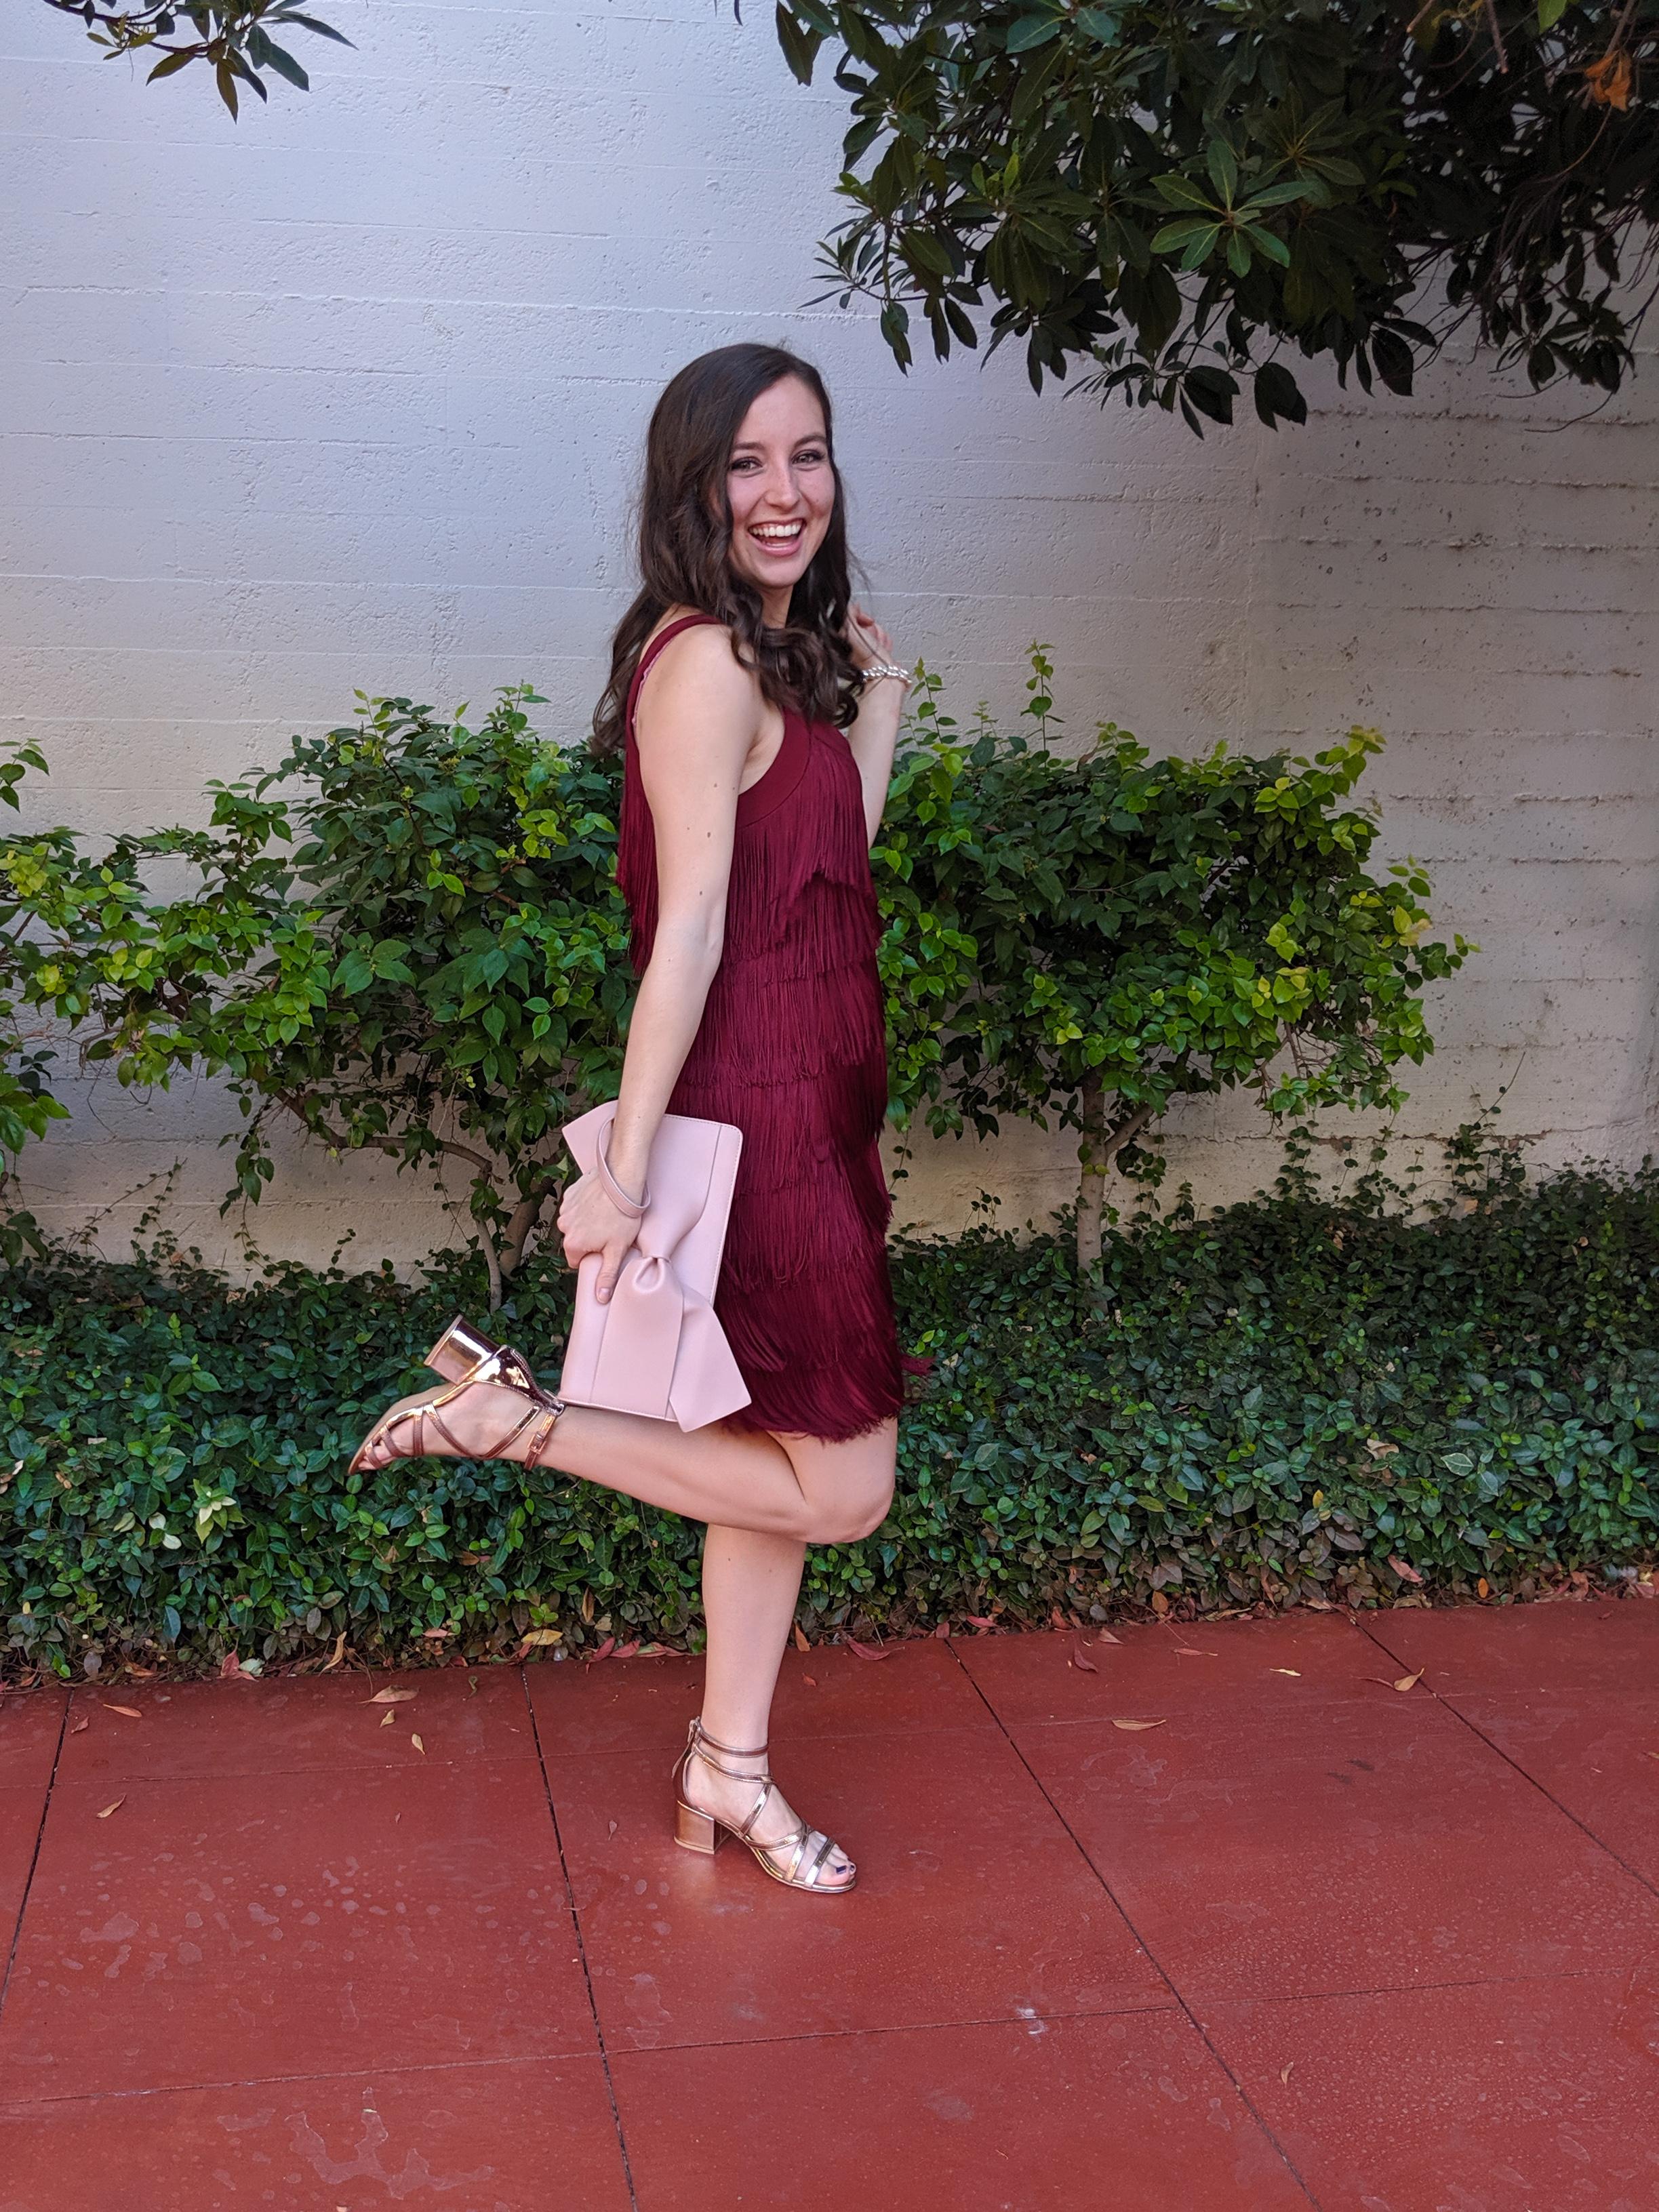 rose gold accessories, blush clutch, crimson dress